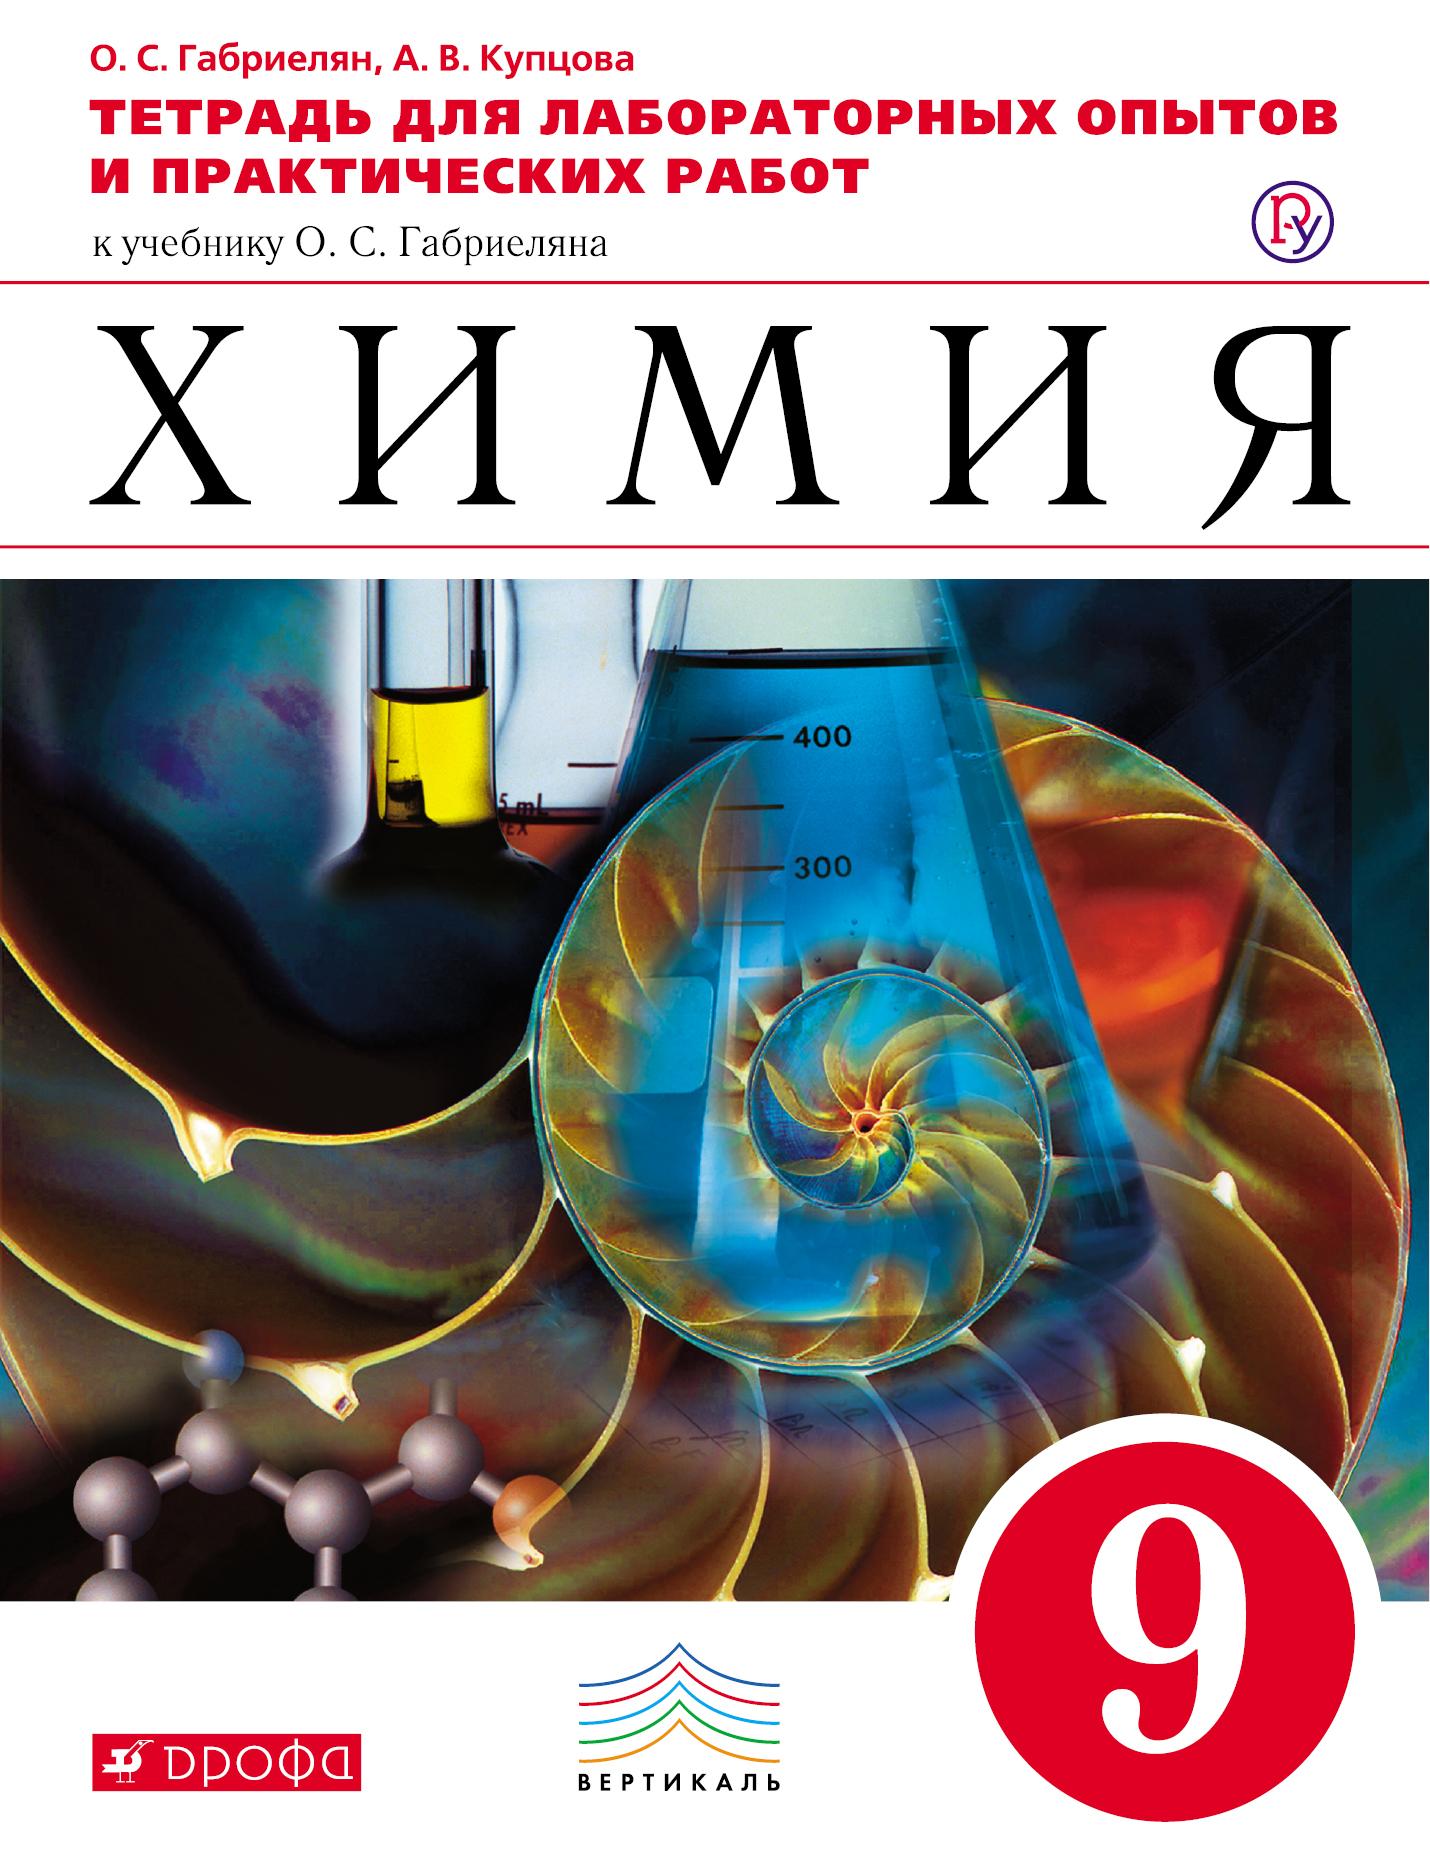 Химия. 9 класс.Тетрадь для лабораторных опытов и практических работ ( Габриелян О.С., Купцова А.В.  )